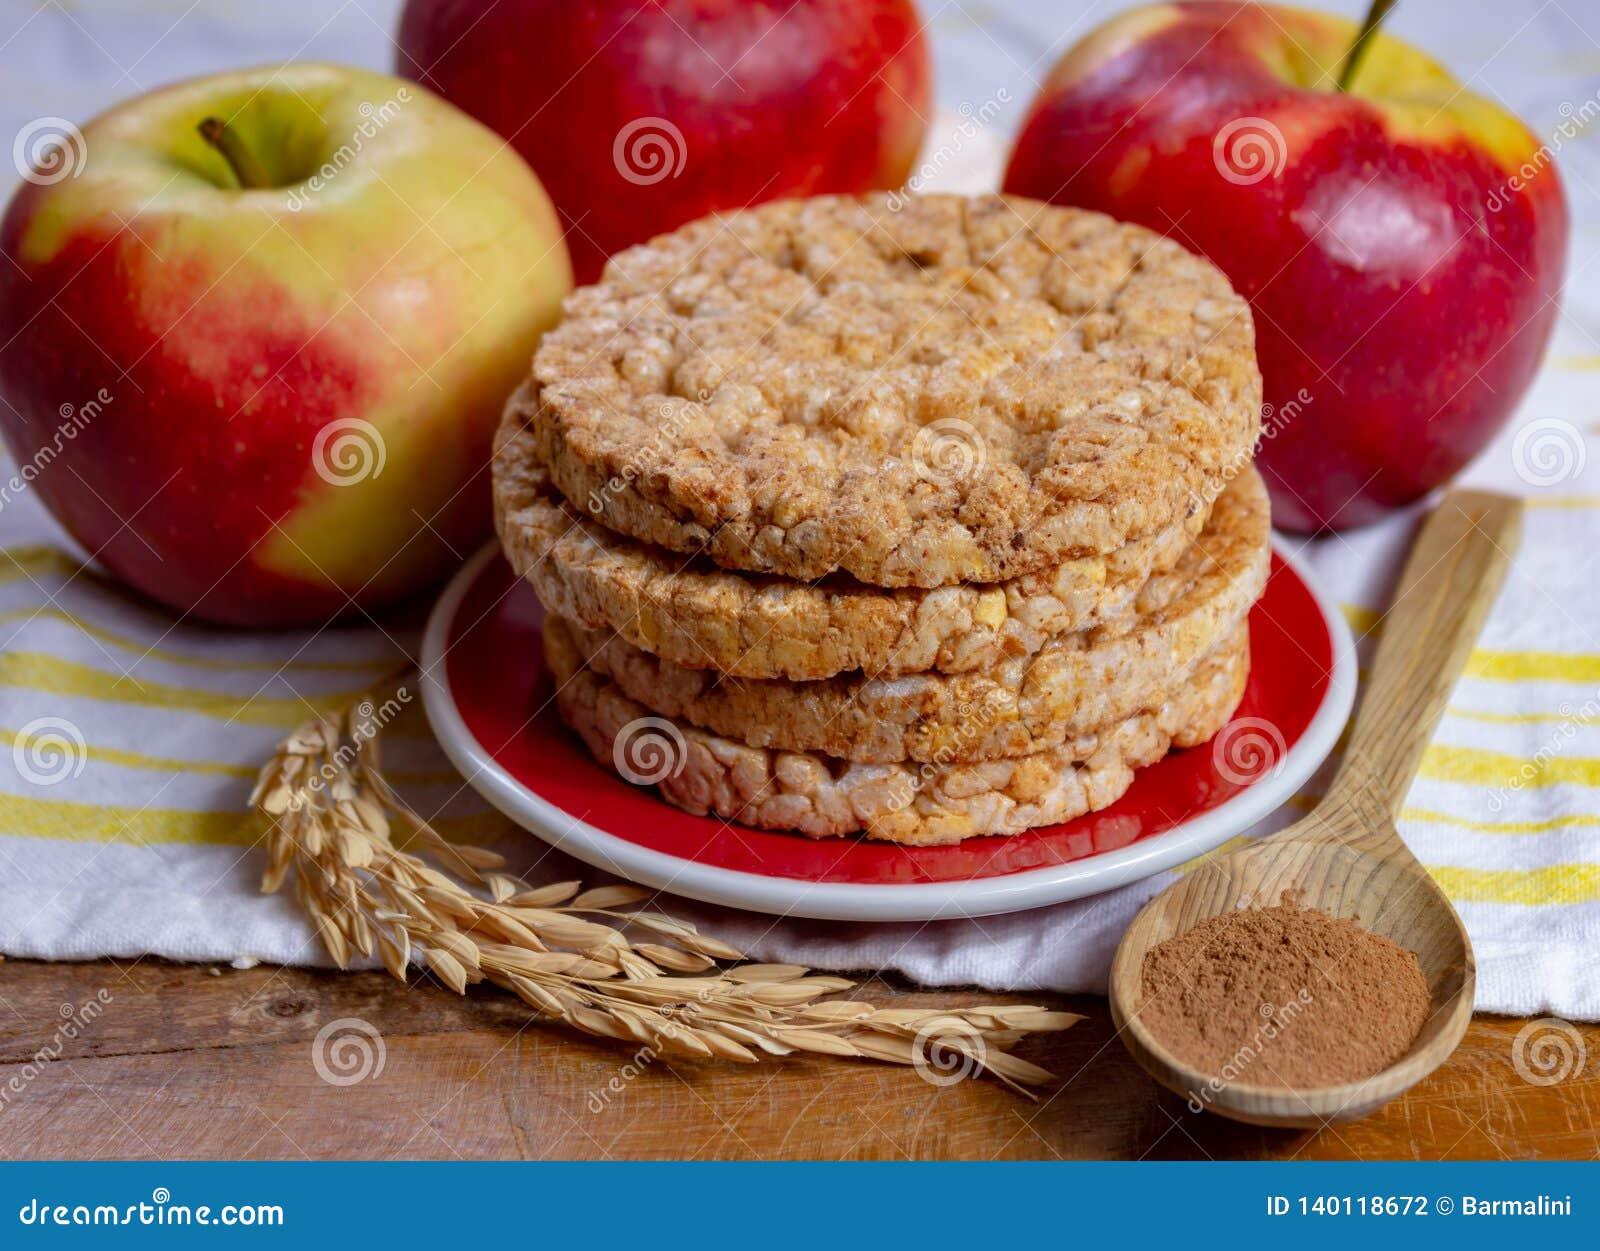 De ronde rijstcrackers maakten met appel en kaneel, gezonde snack voor ontbijt, lunch en schoolvoedsel